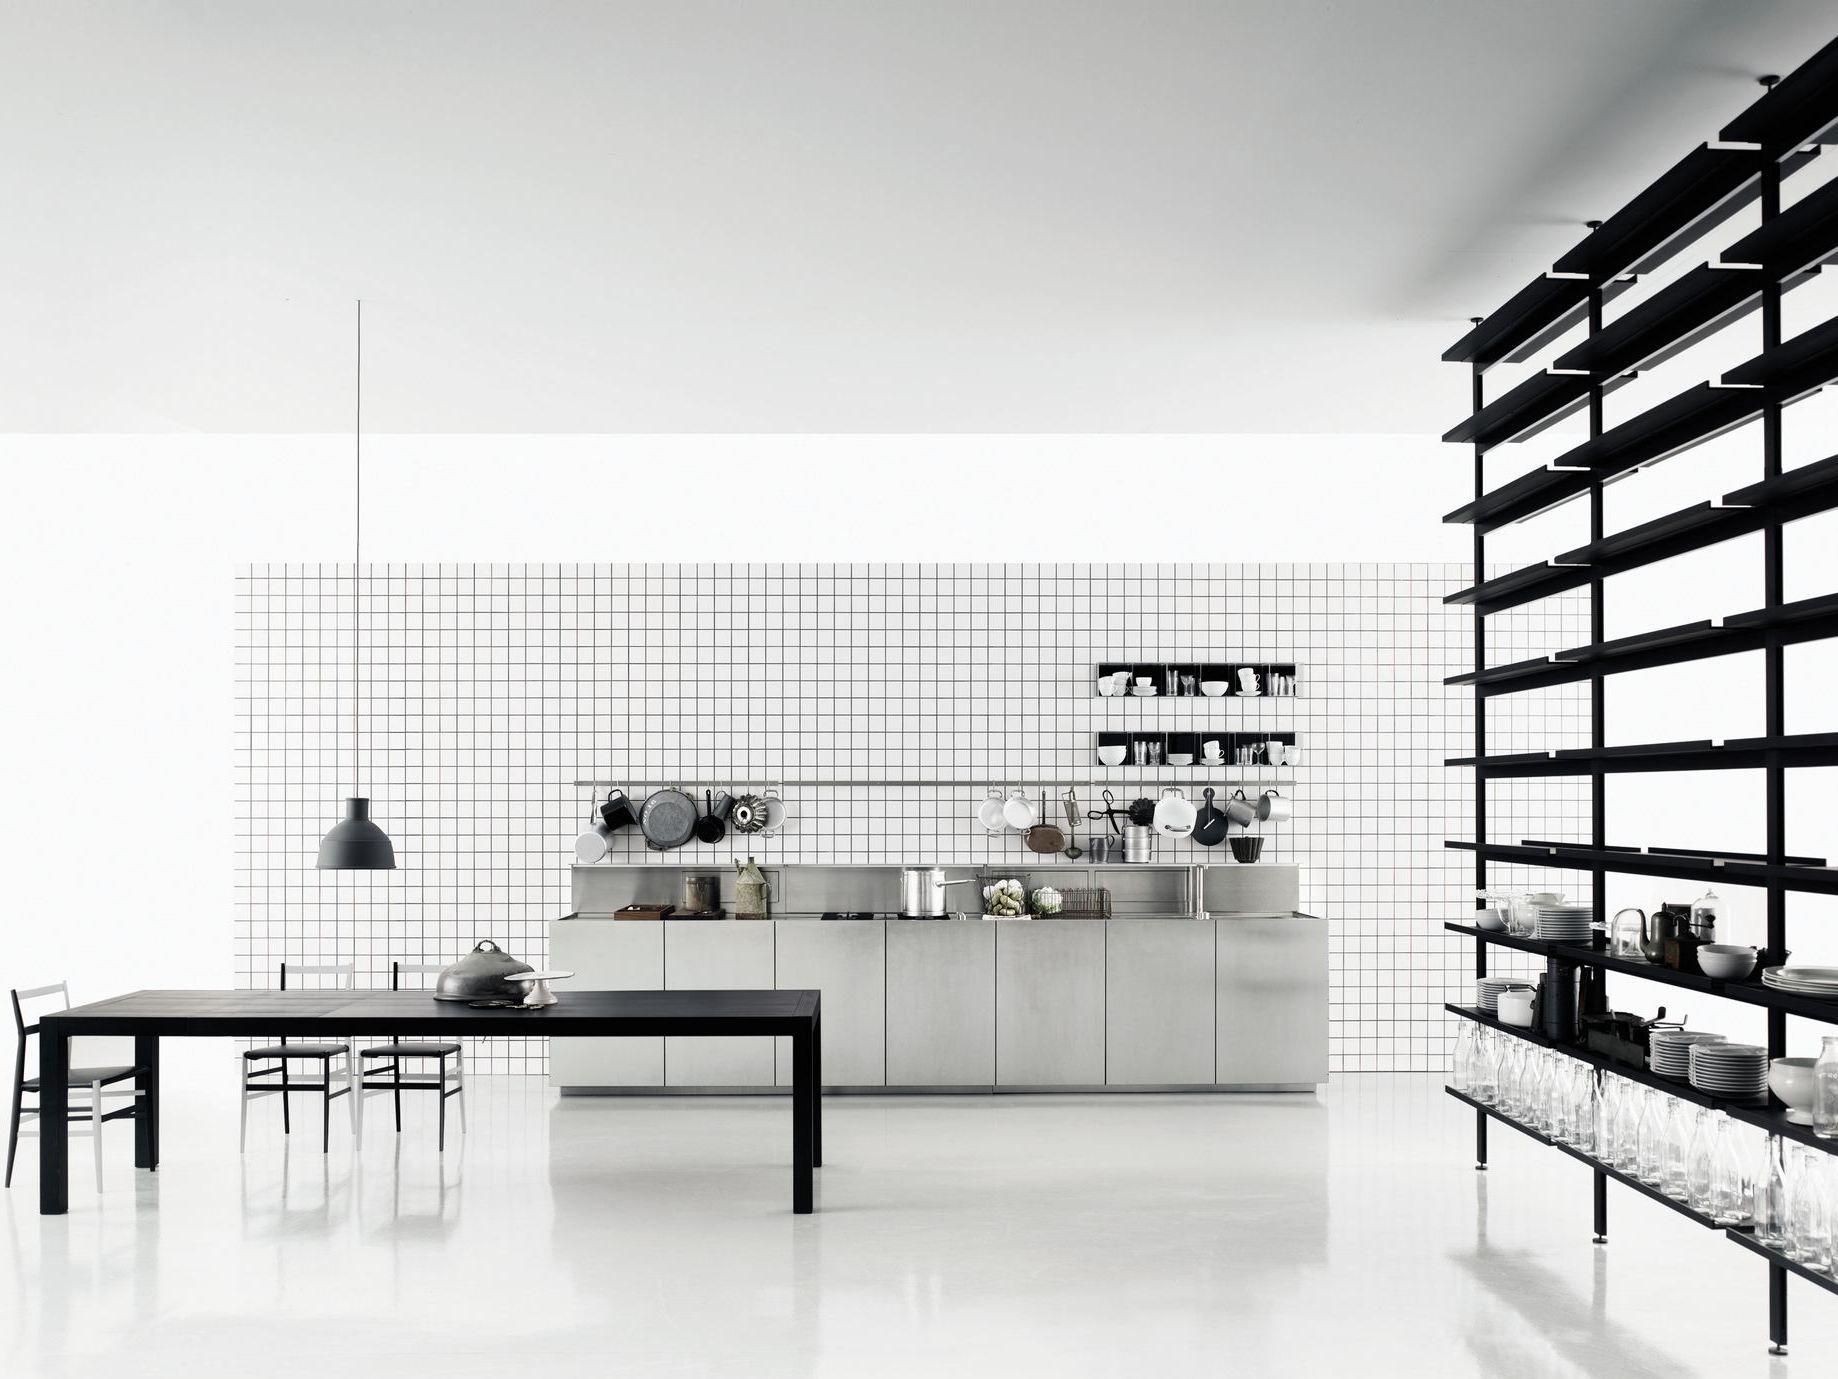 Boffi Küchen linear corian kitchen k20 by boffi design norbert wangen